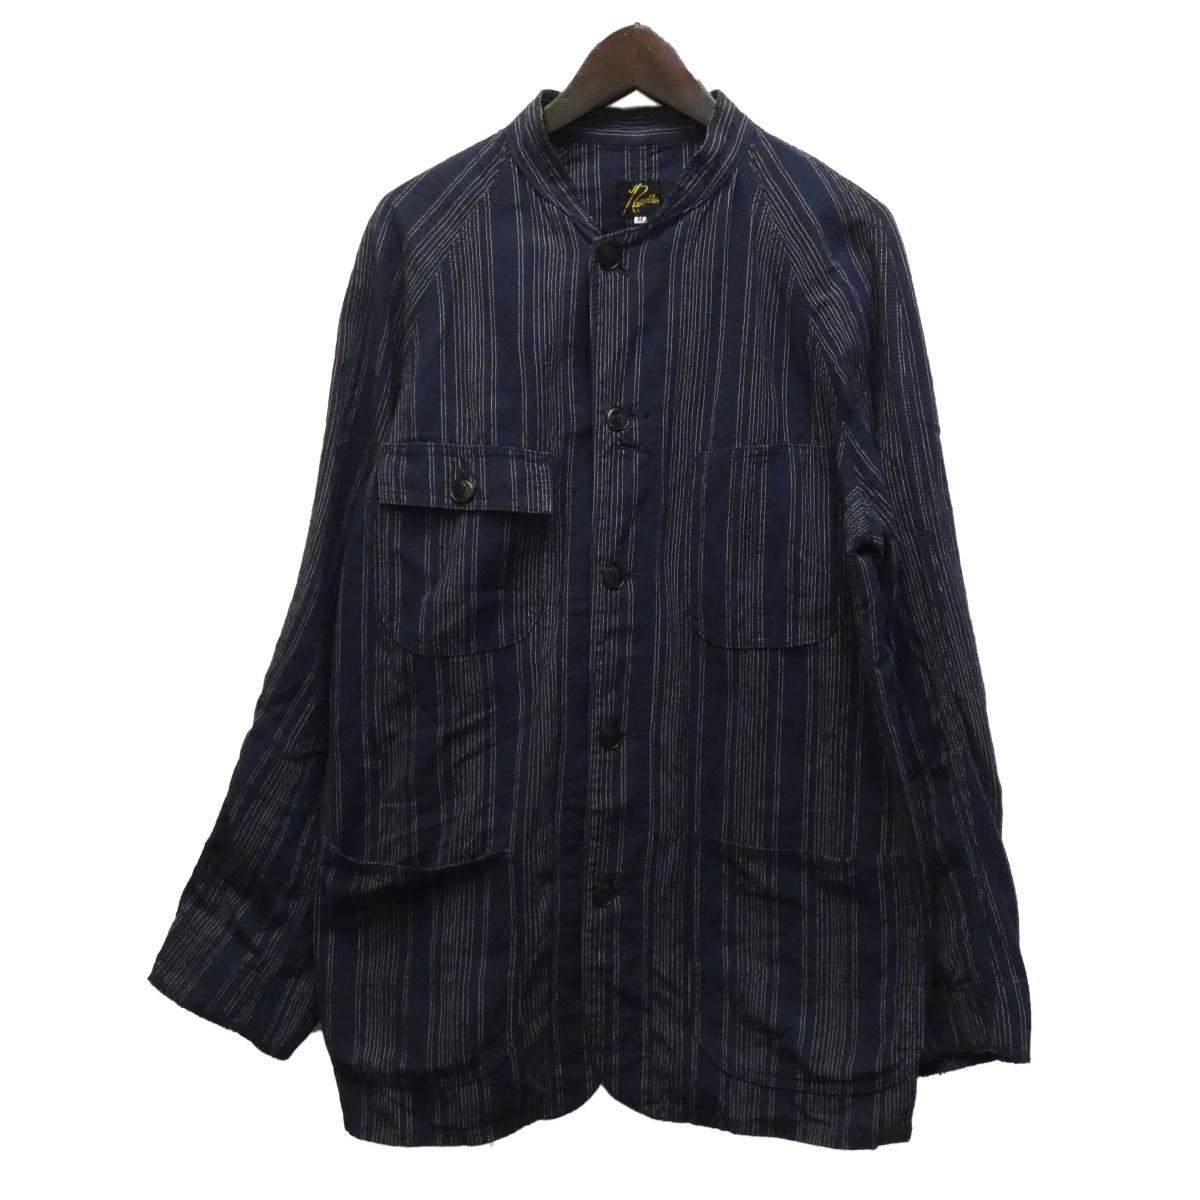 【中古】Needles バンドカラーストライプシャツジャケット ネイビー サイズ:M 【060620】(ニードルス)